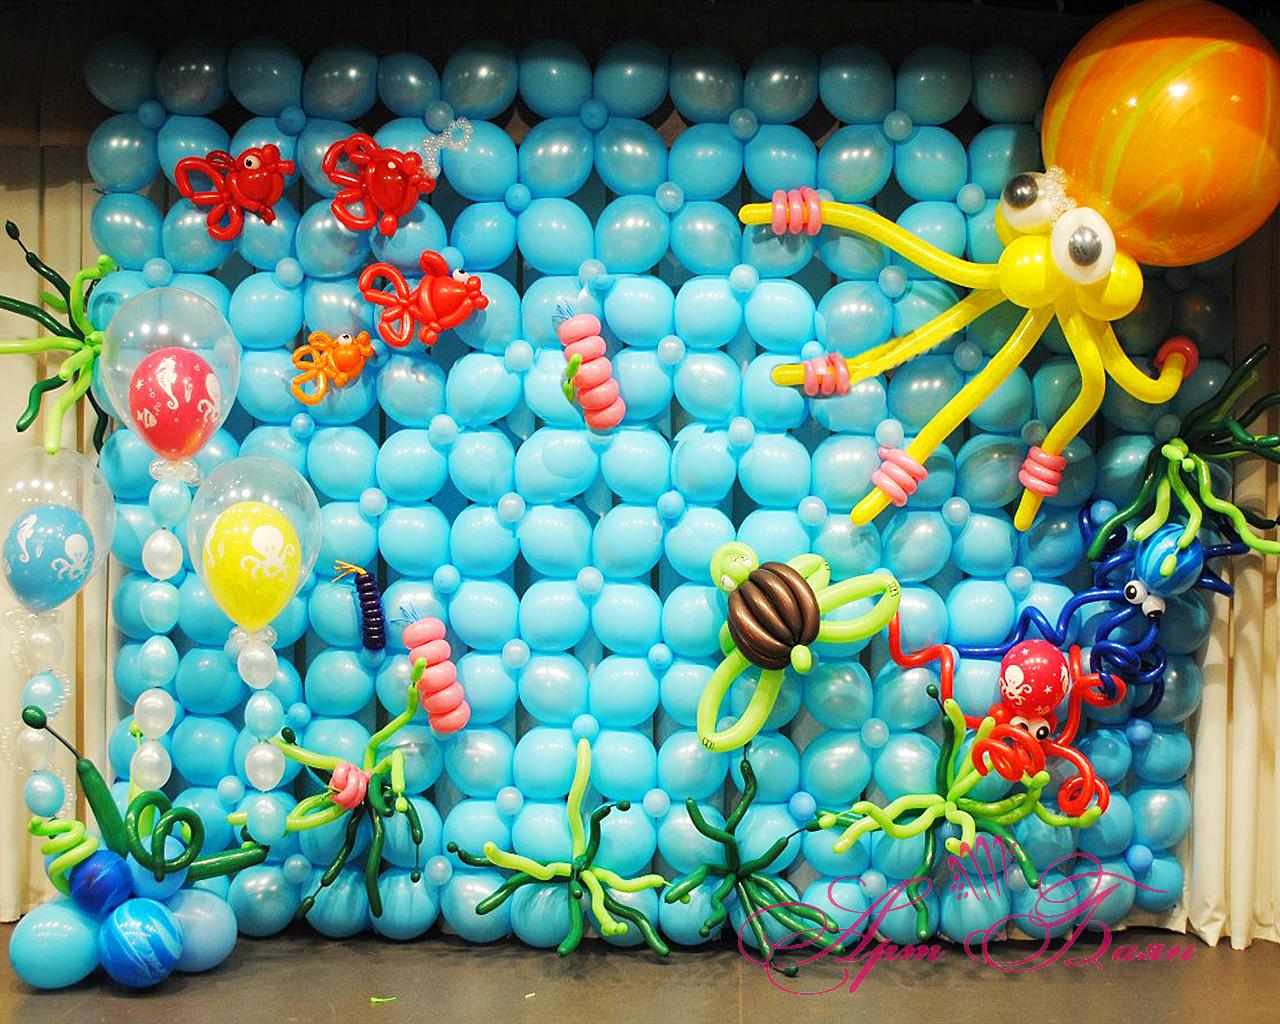 сообразительной украшение шарами своими руками с картинками даже